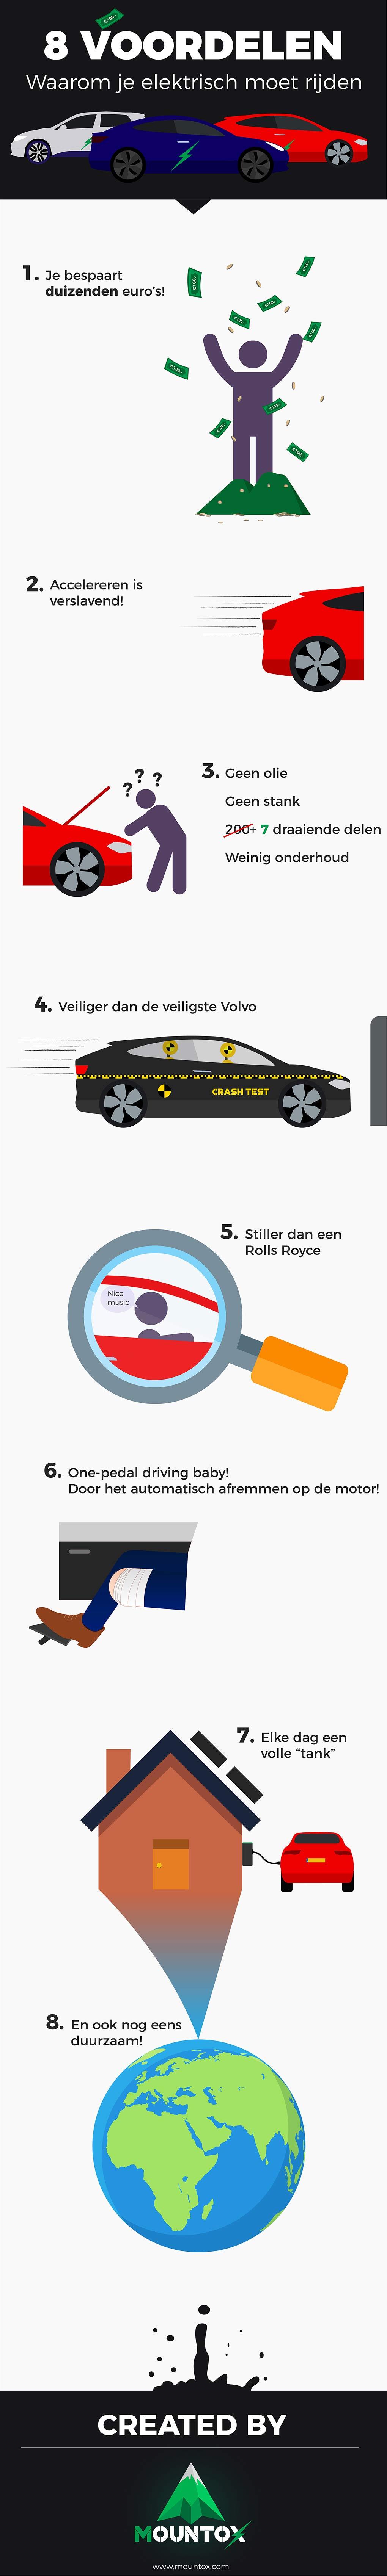 De 8 Grootste Voordelen Van Een Elektrische Auto Mountox